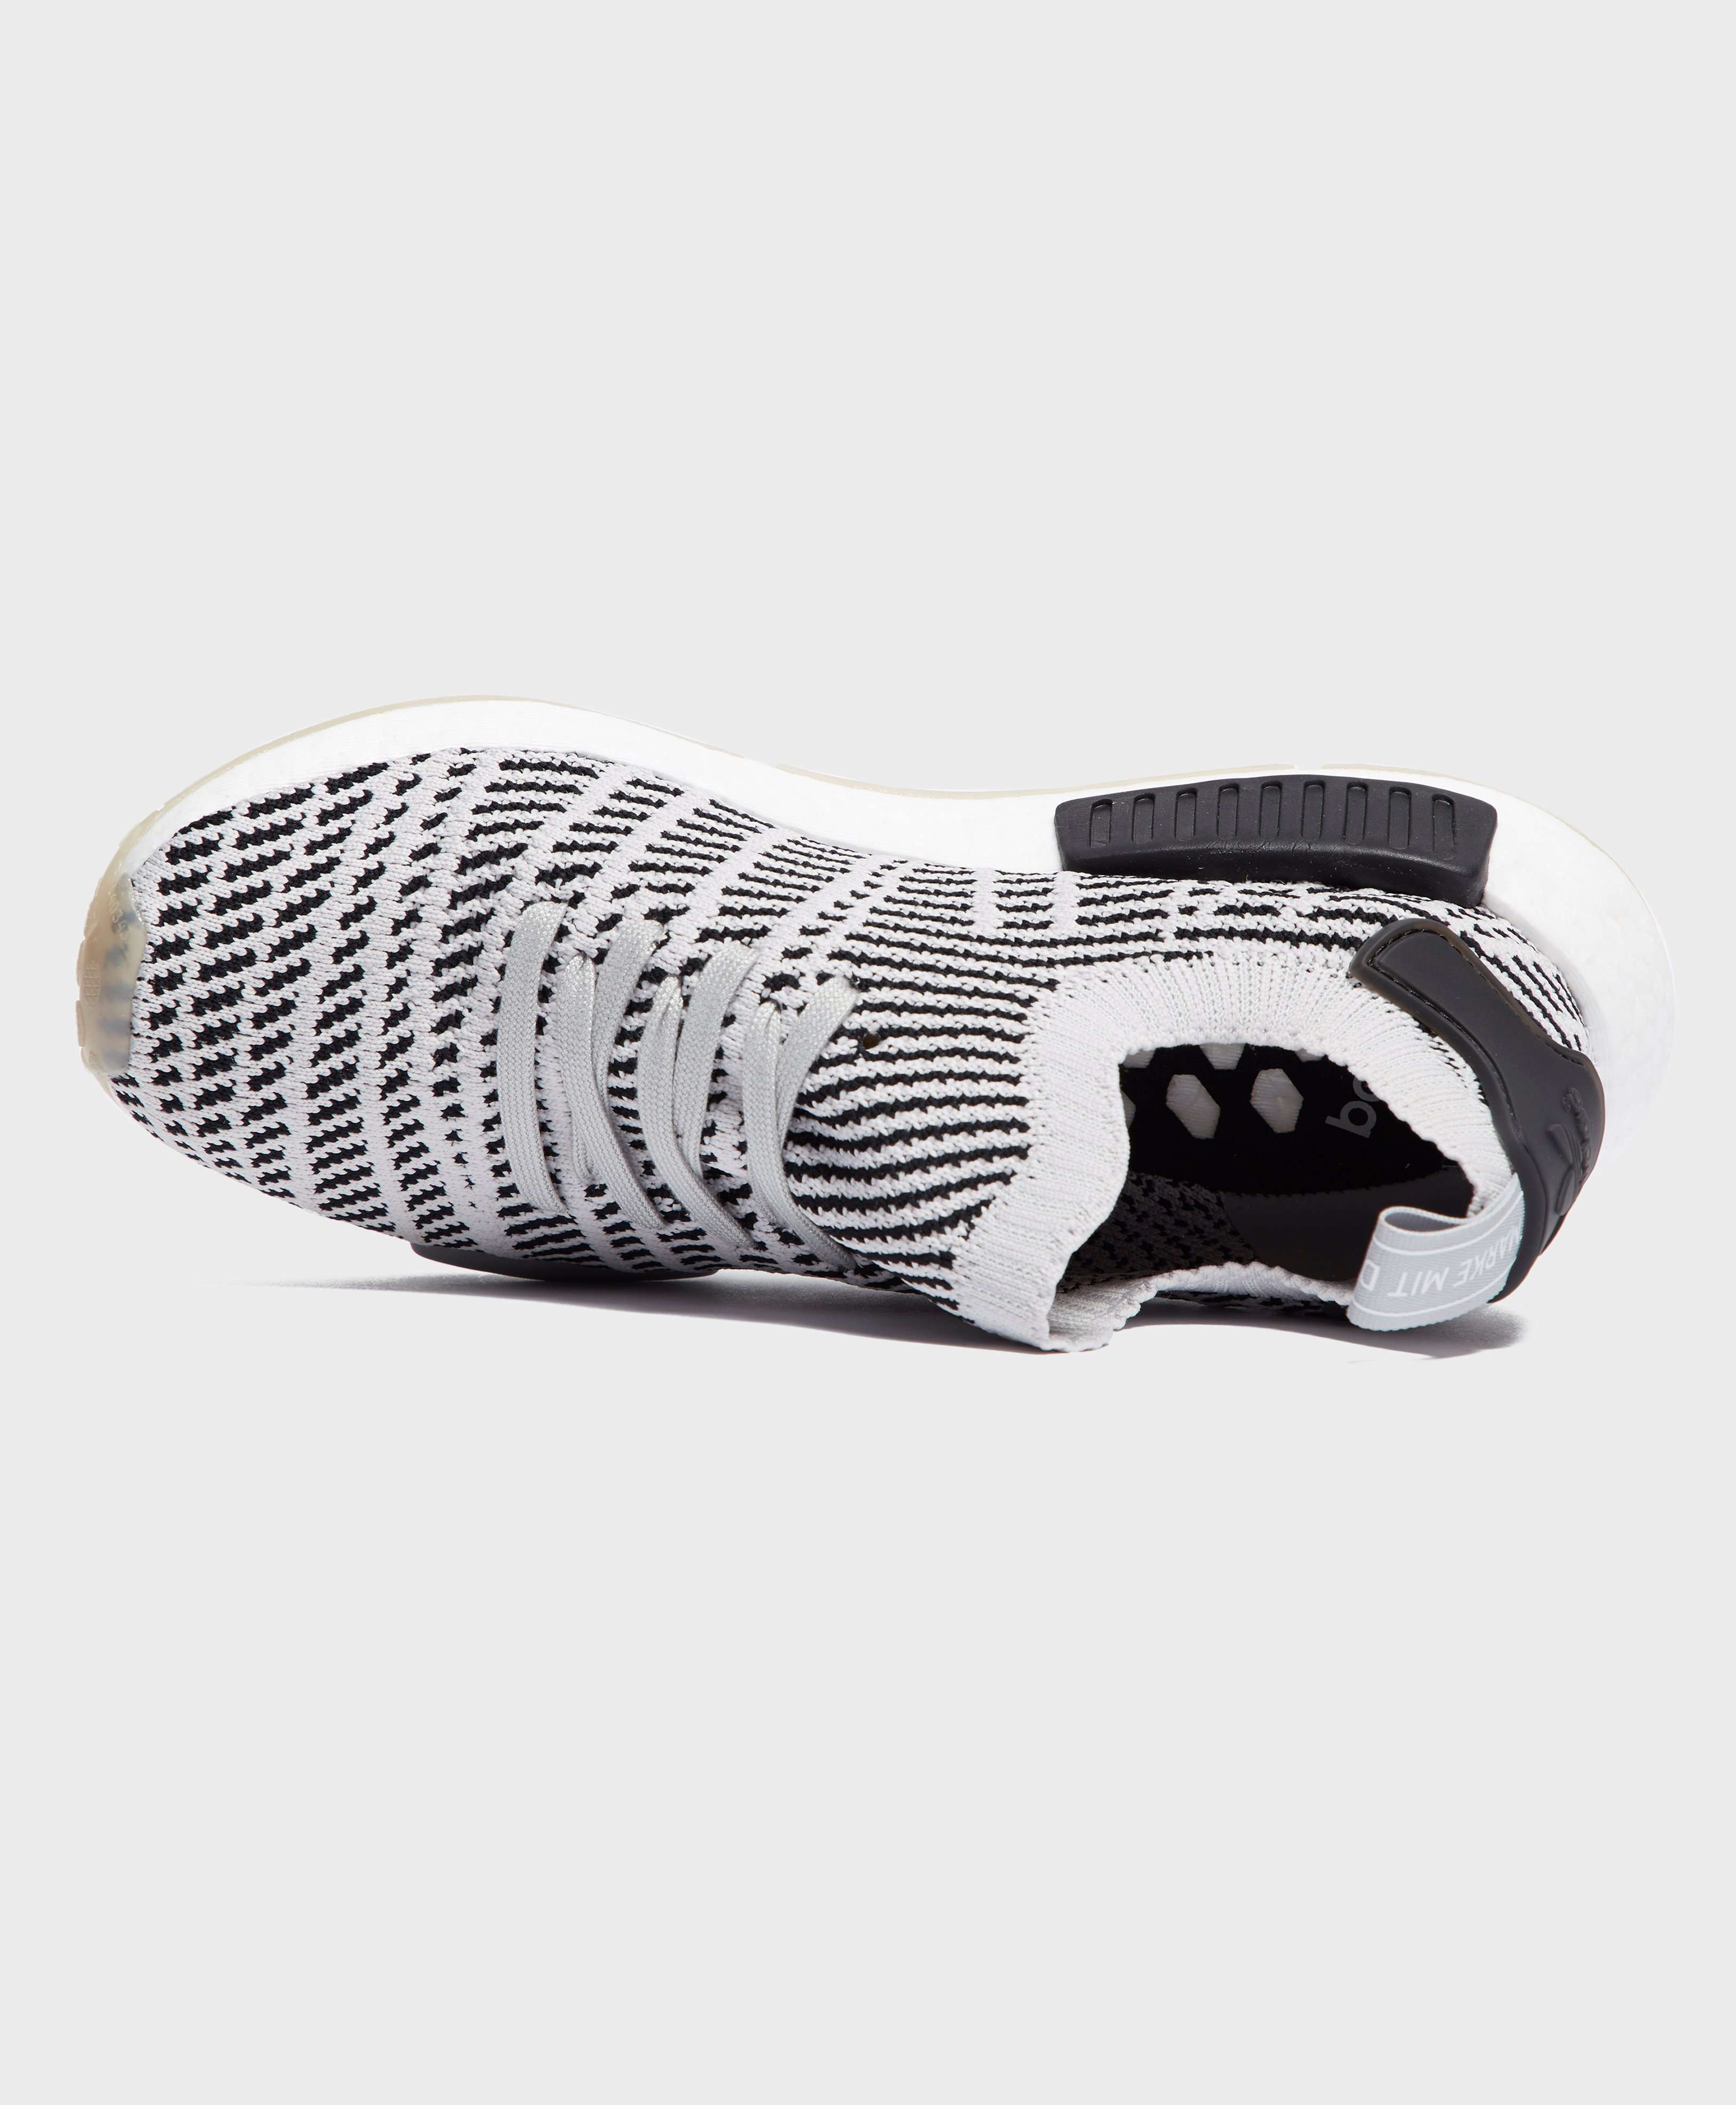 adidas Originals NMD_R1 STLT Primeknit